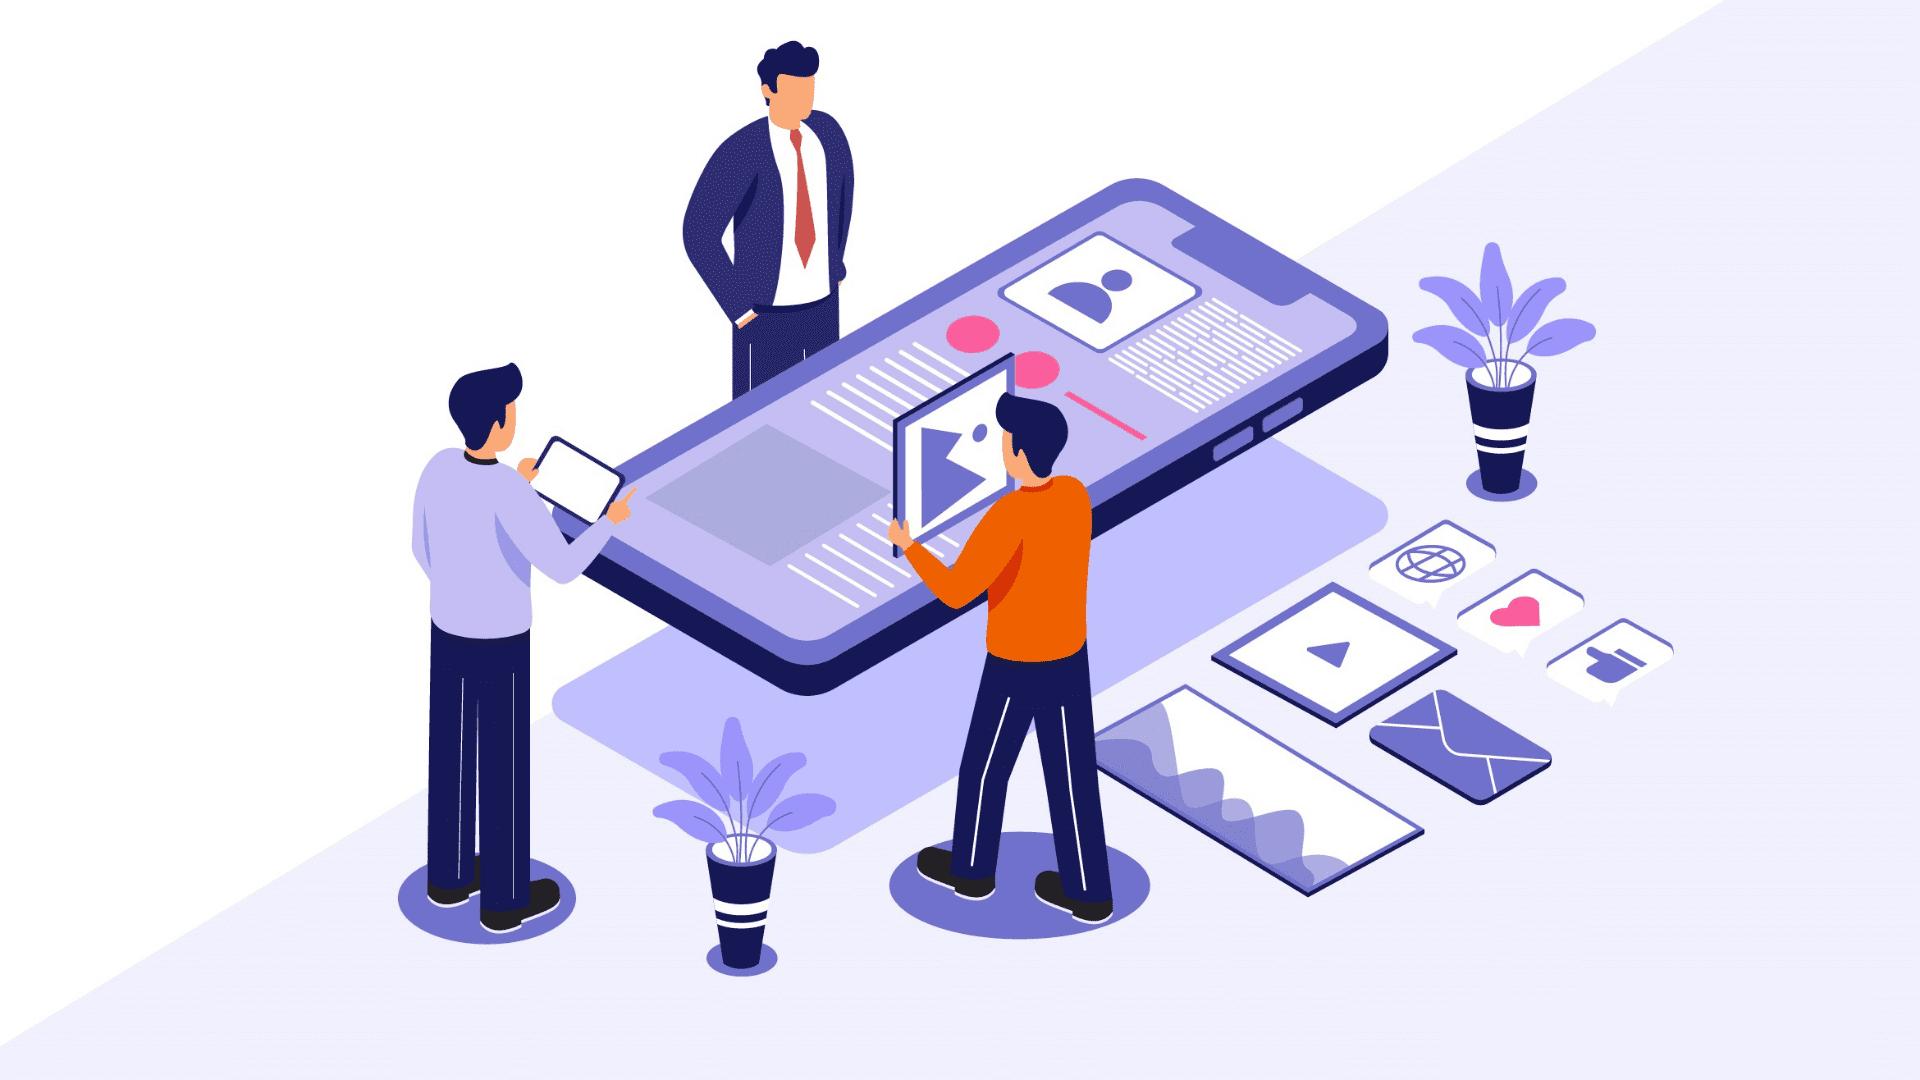 Develop a winning business app